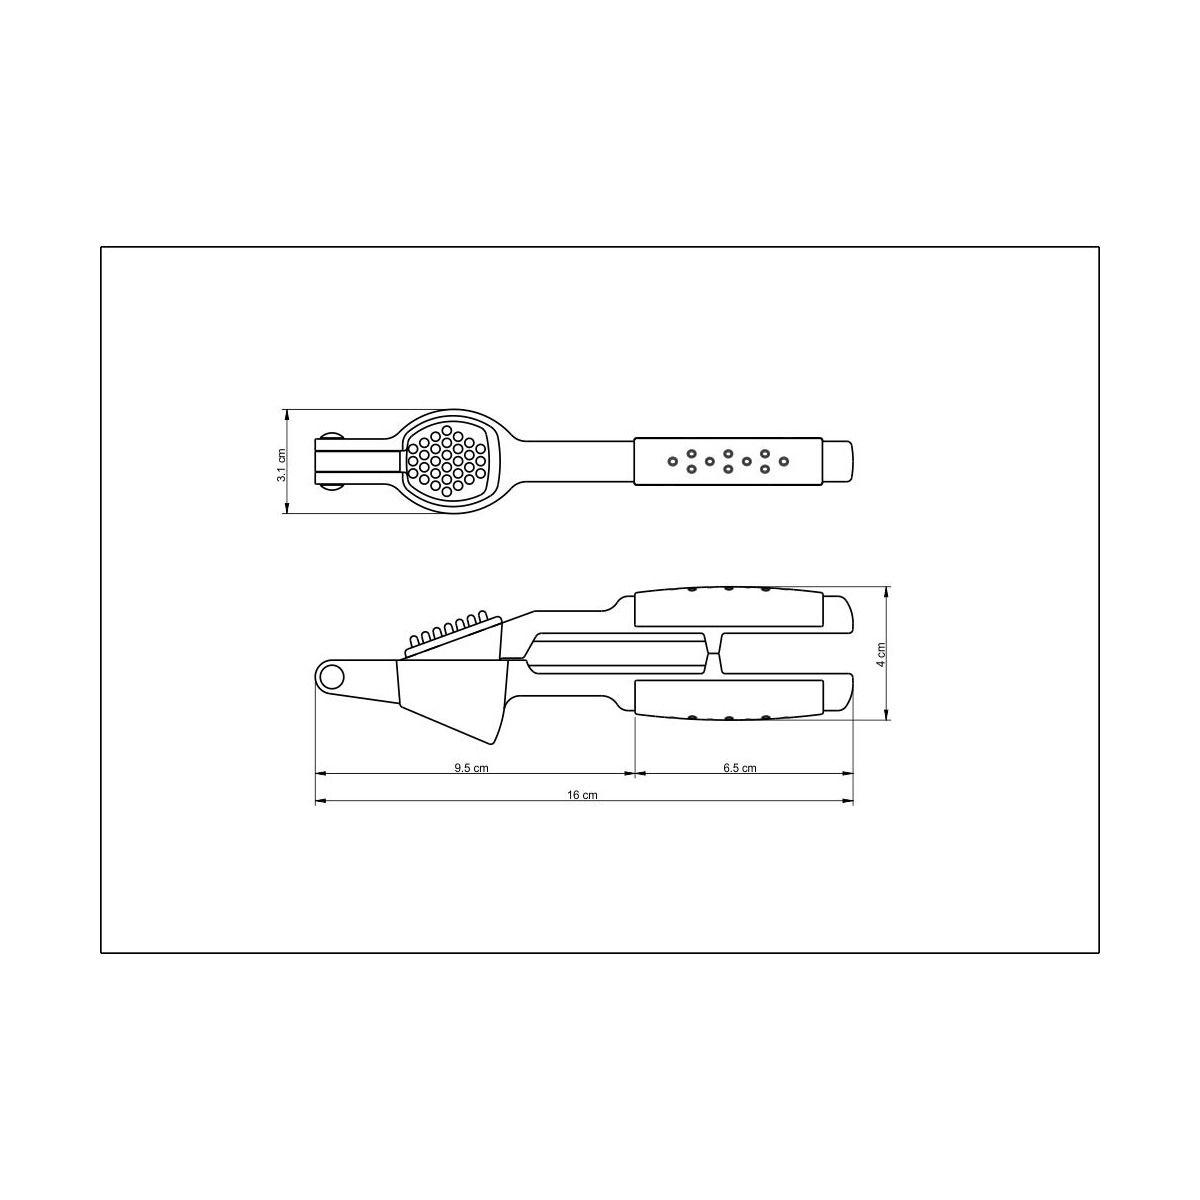 Espremedor de Alho Tramontina em Zamak Cromado com Cabo Vermelho ABS 25601/170 | Lojas Estrela